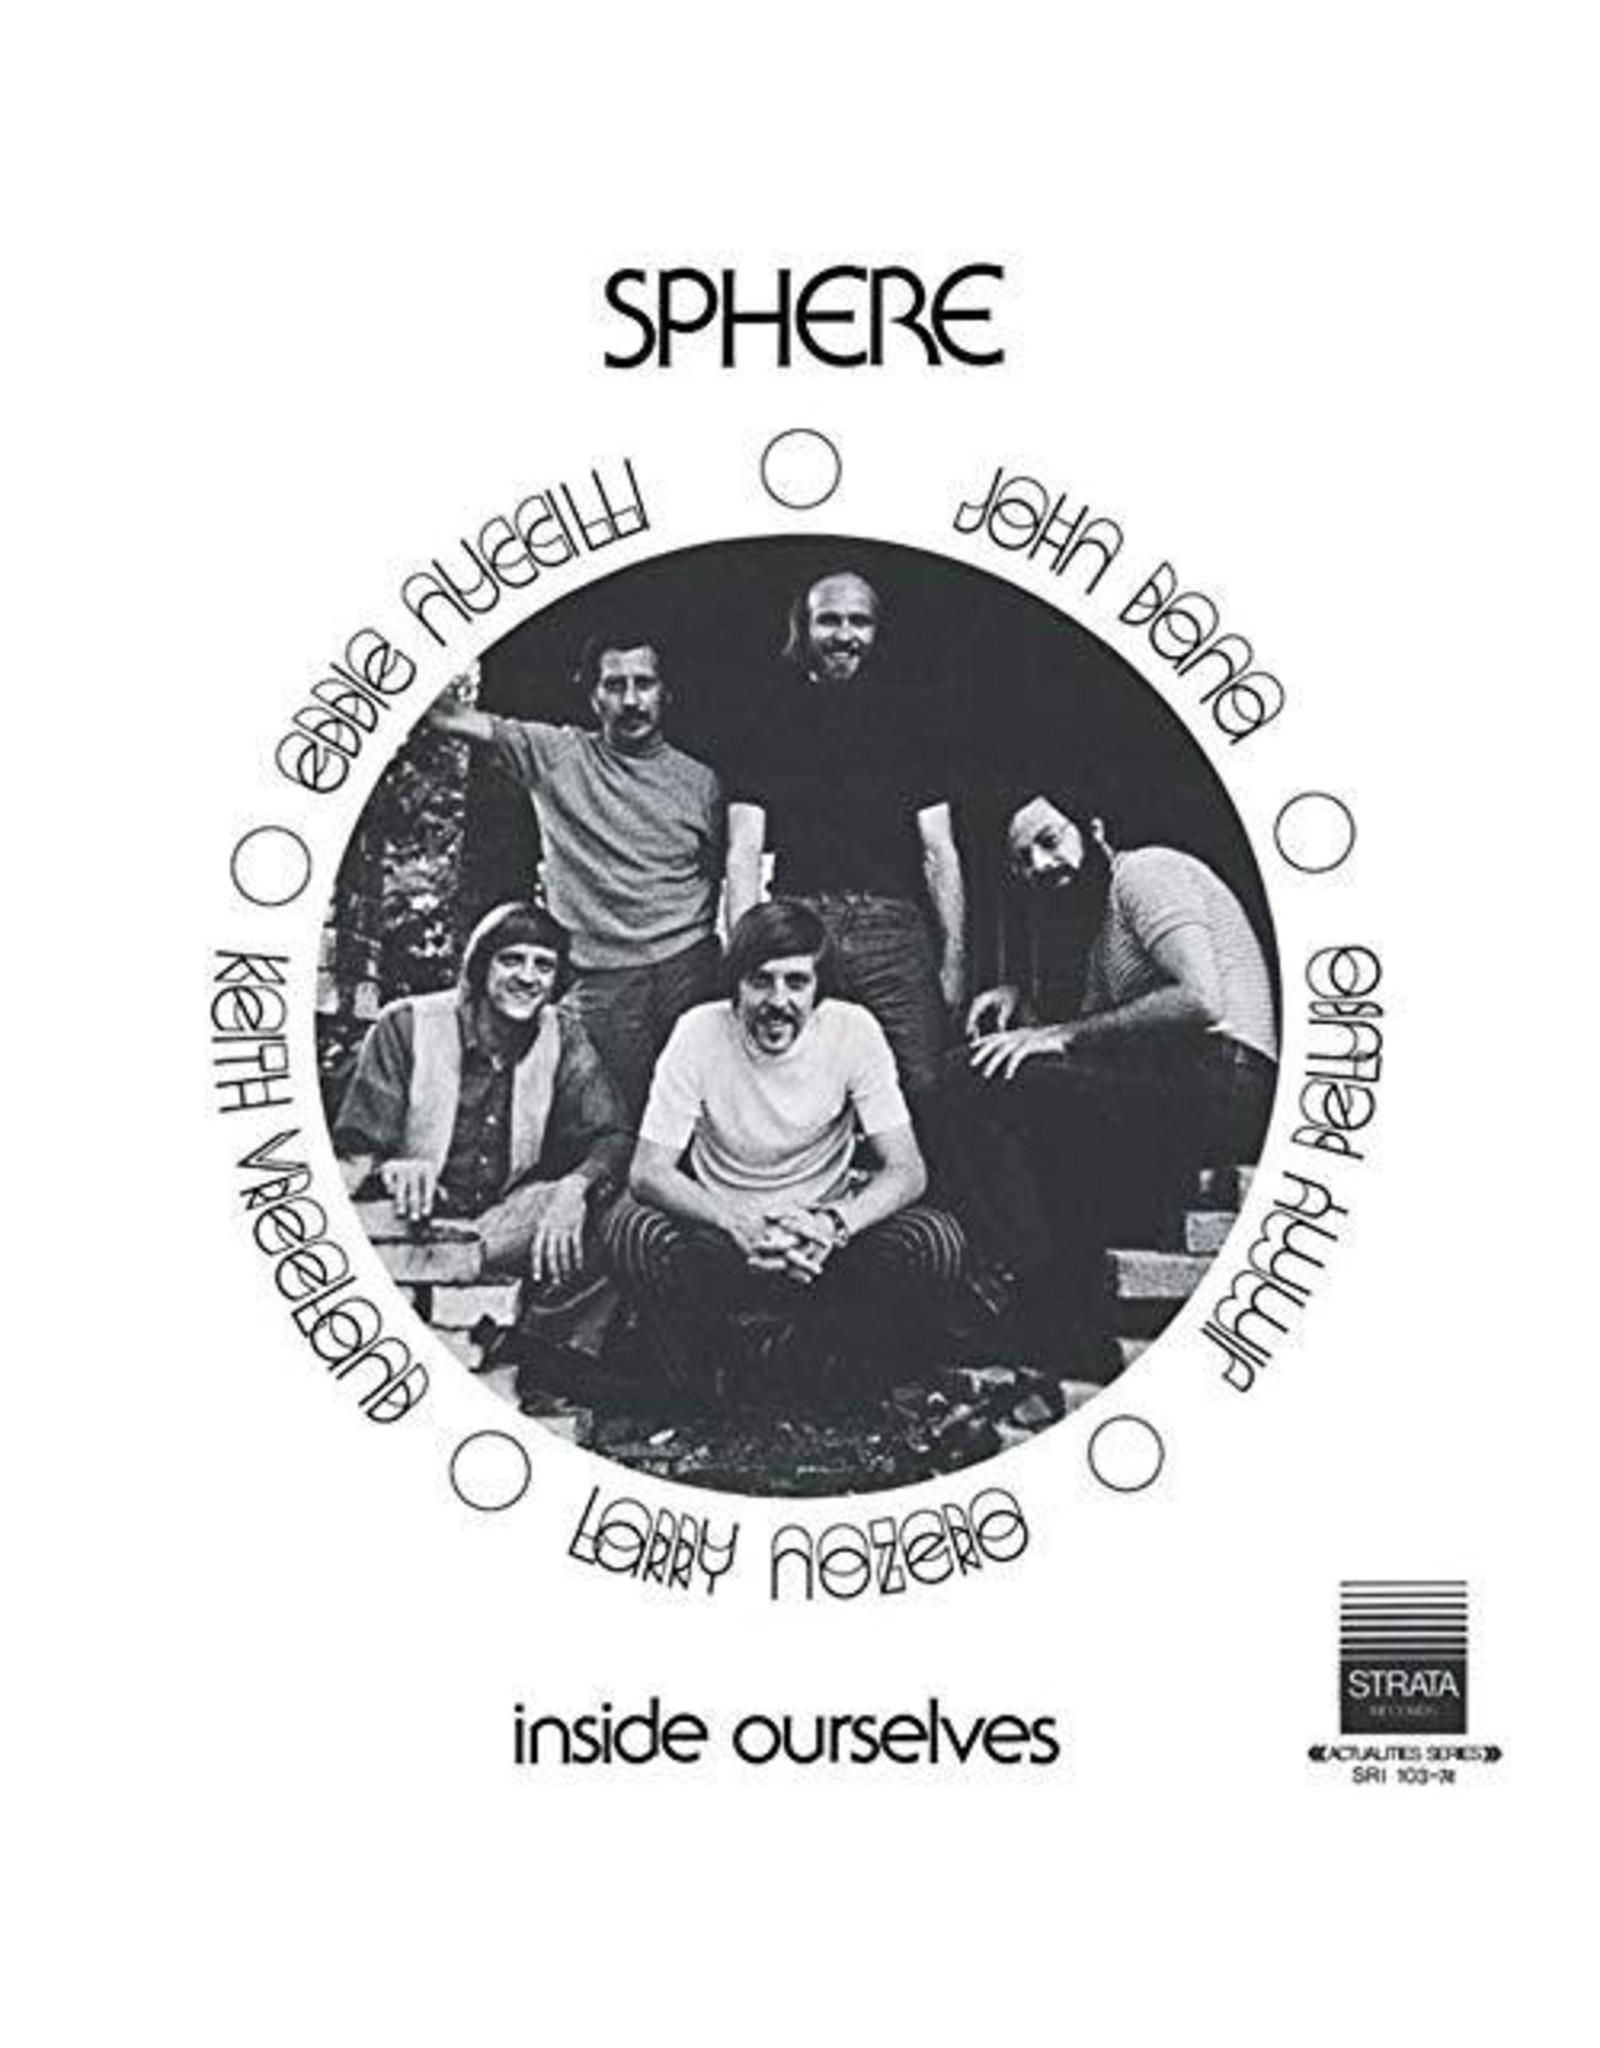 New Vinyl Sphere - Inside Ourselves 2LP